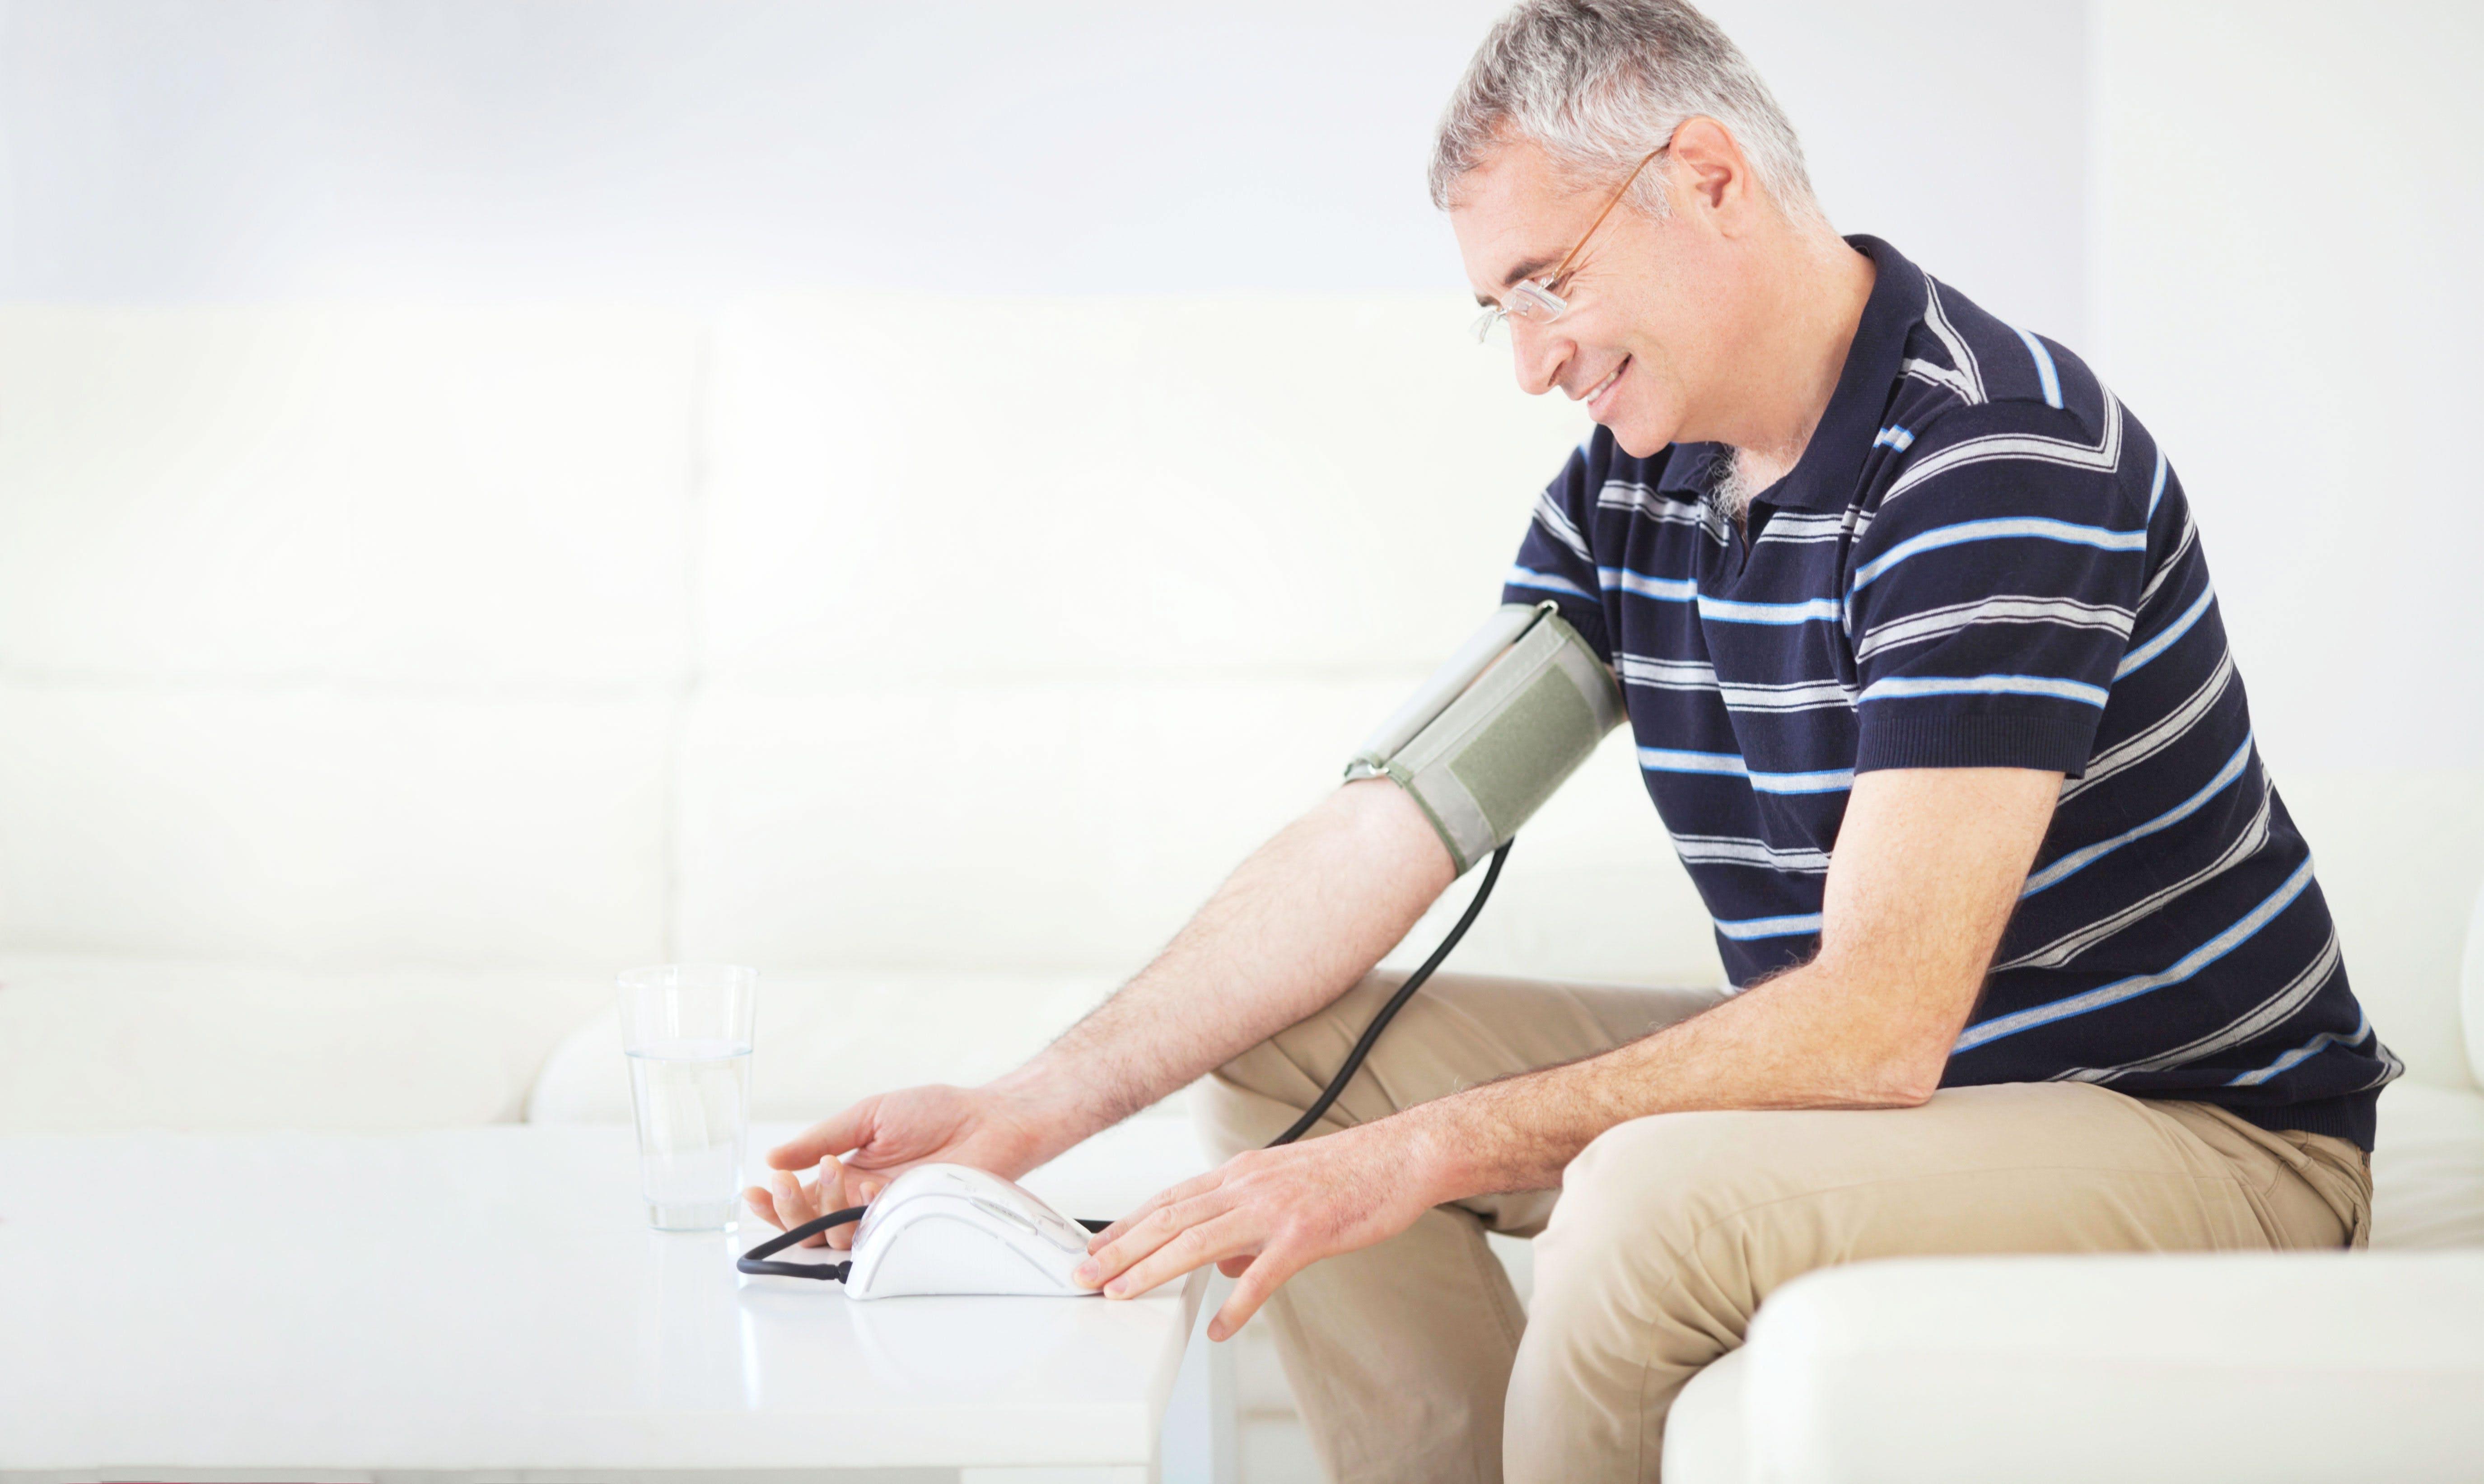 Snabbkurs i blodtryck – guide